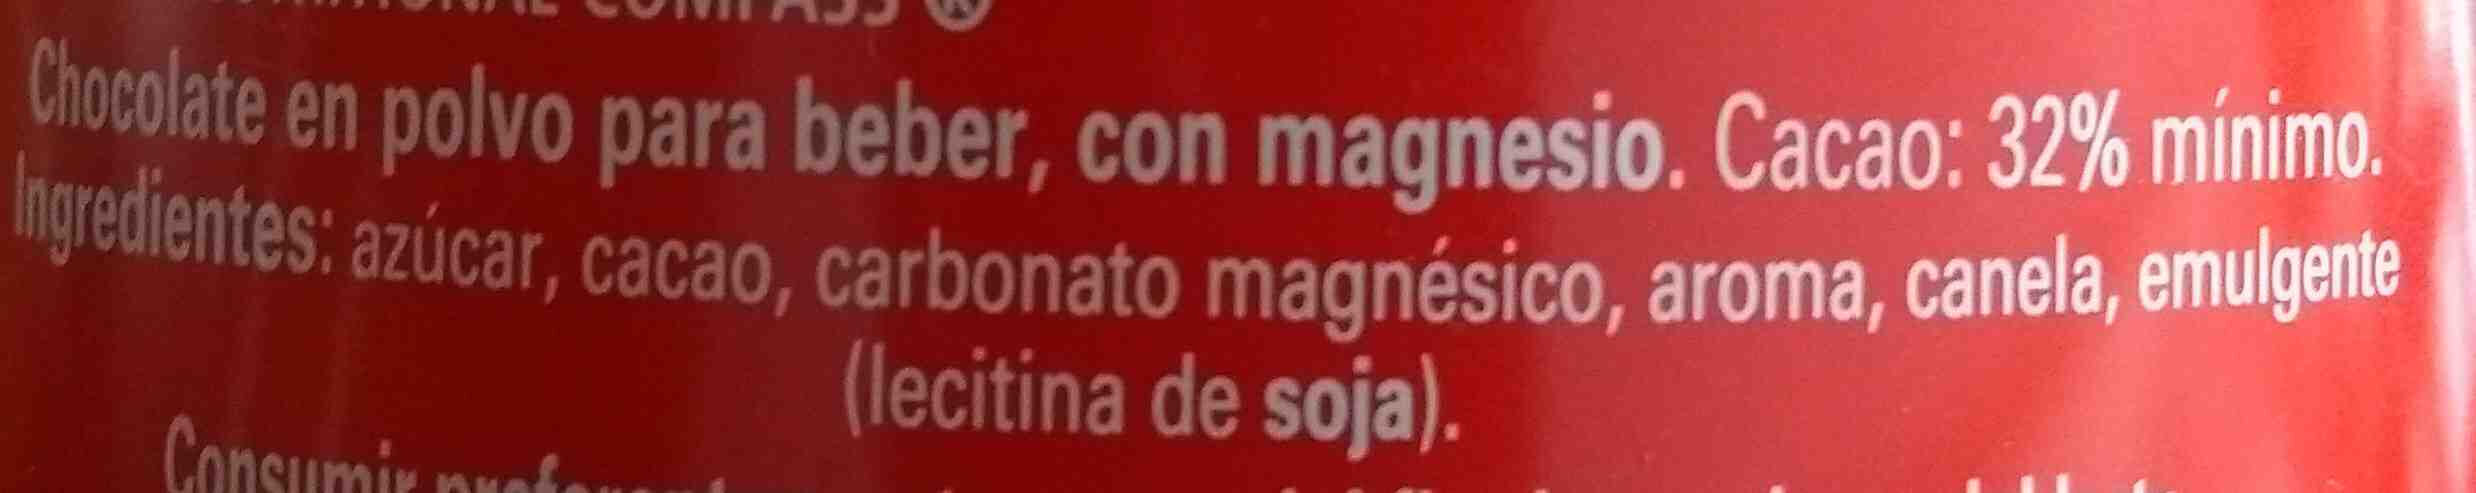 Chocolate en polvo con magnesio - Ingredientes - es